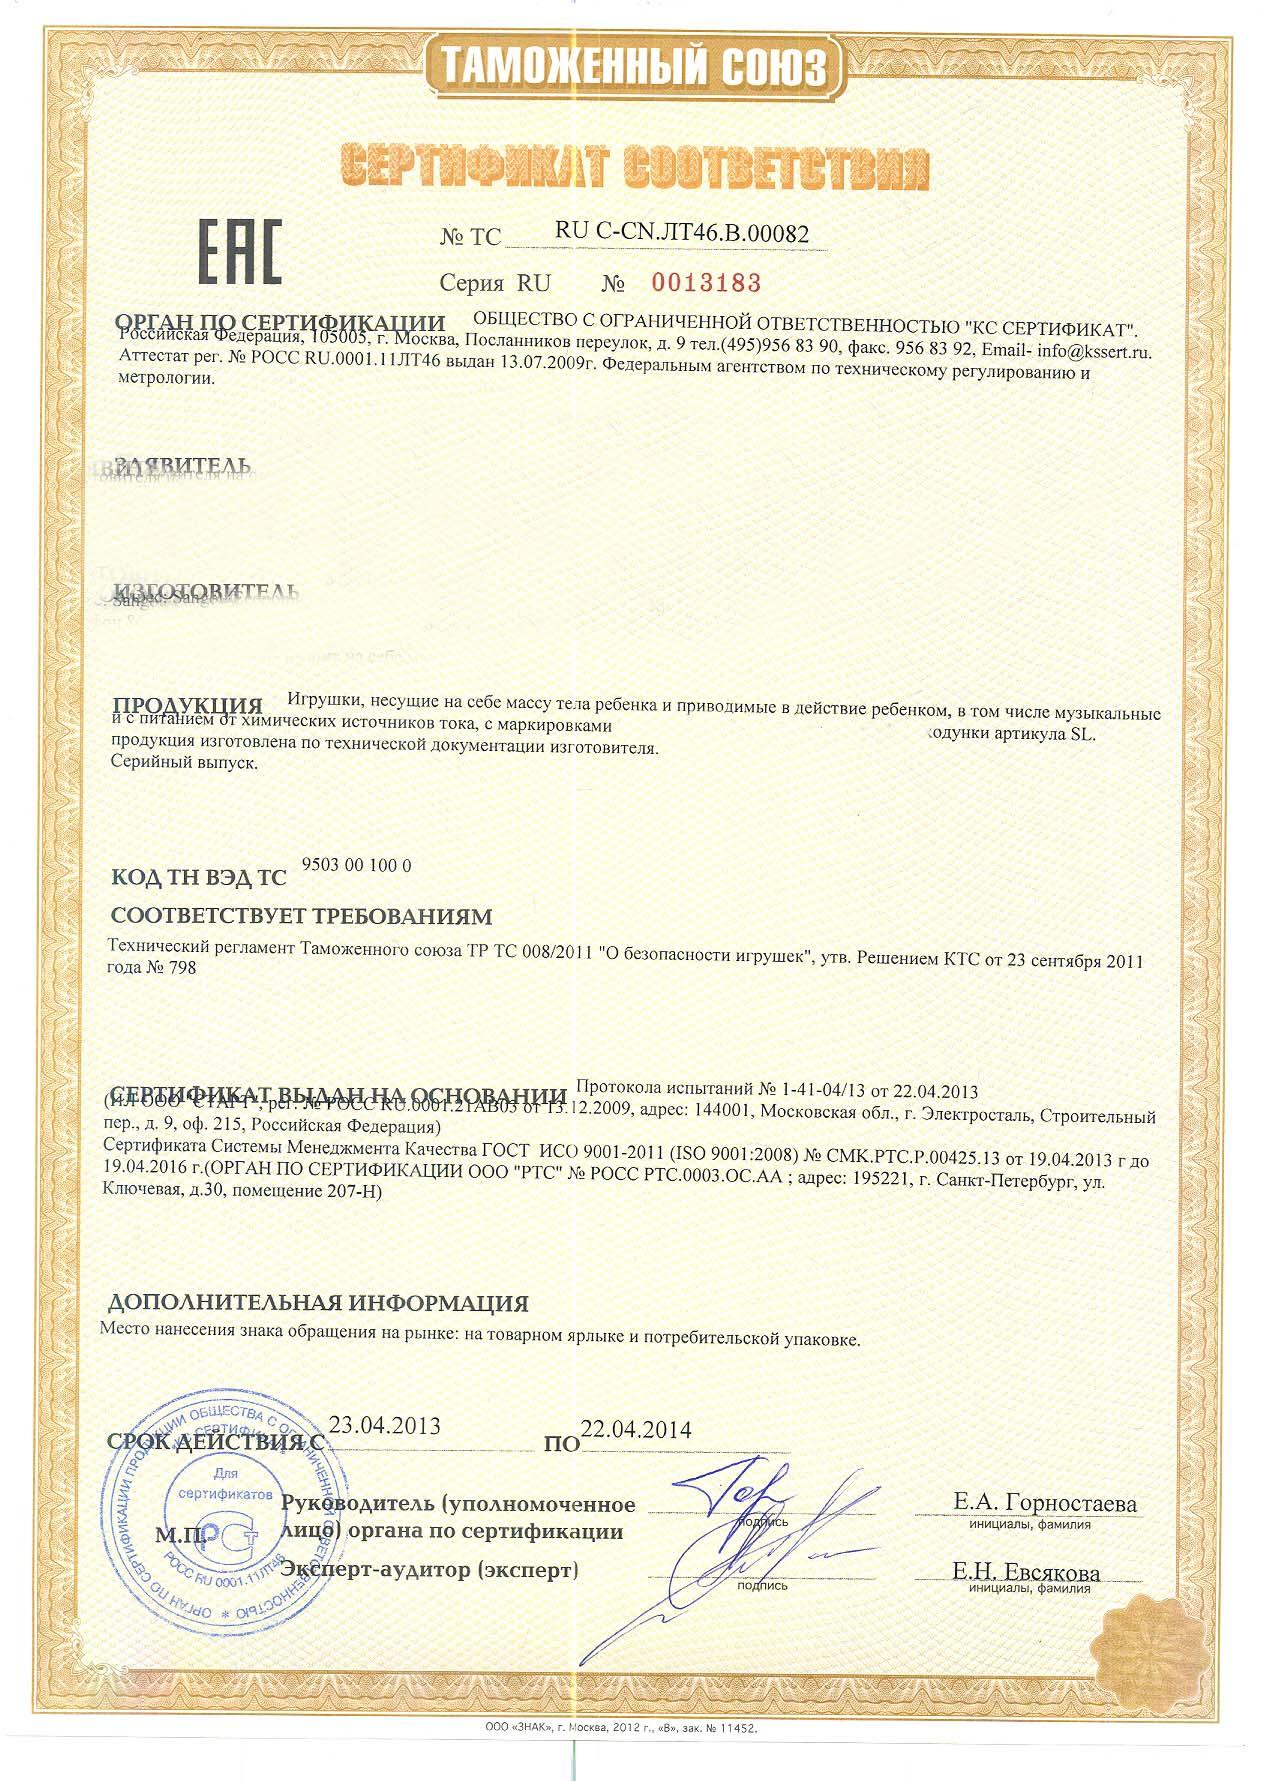 бланк сертификата о соответствии алкоголя